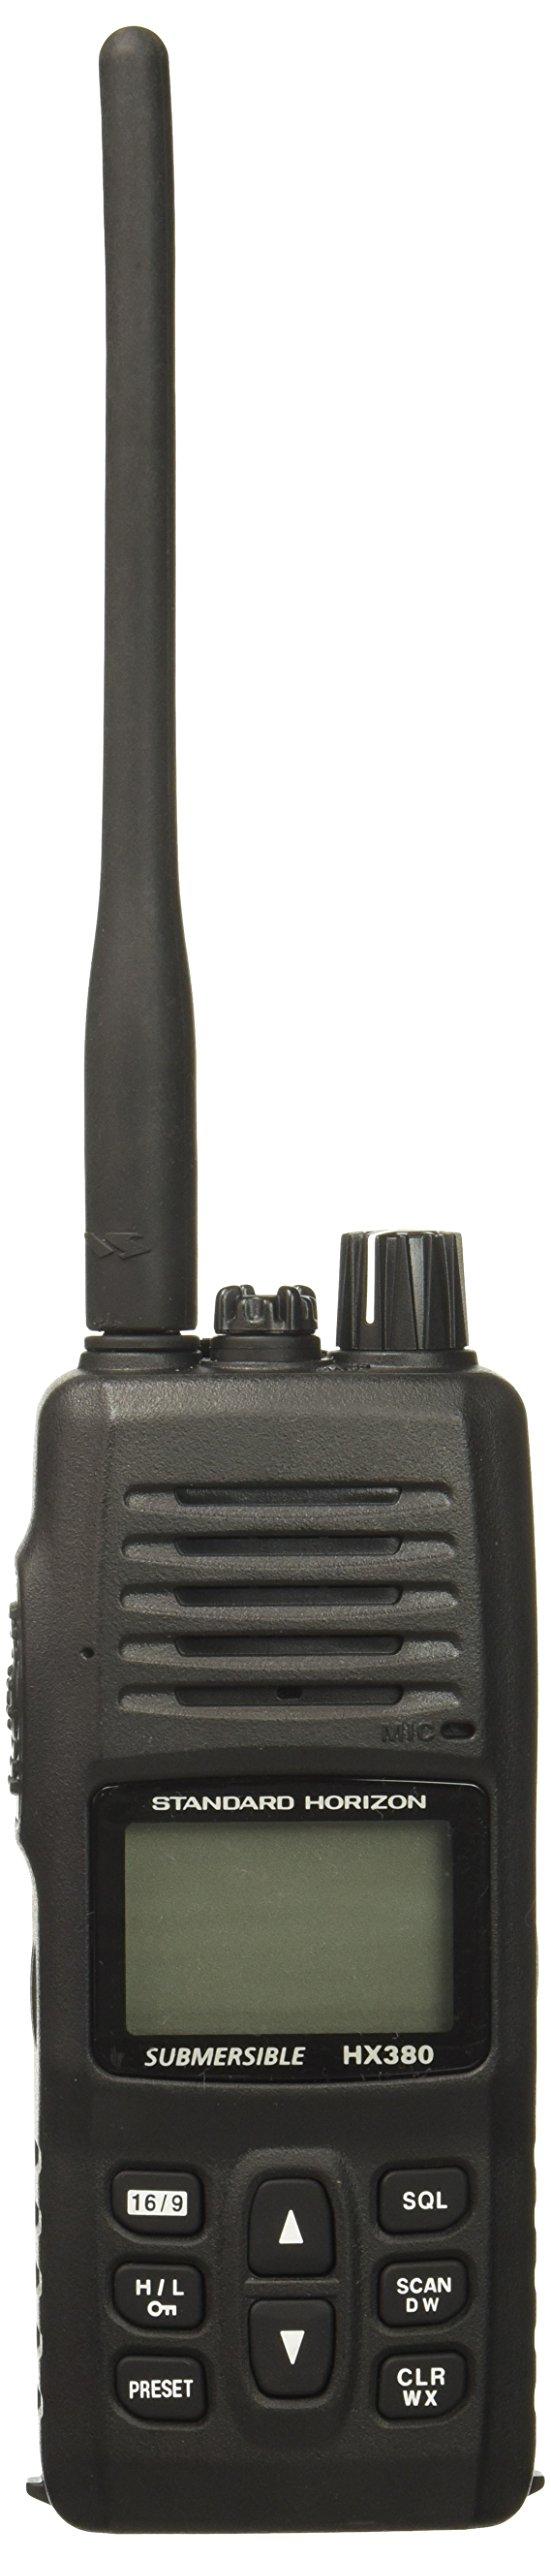 Standard Horizon HX380 1.5'' Standard Handheld VHF